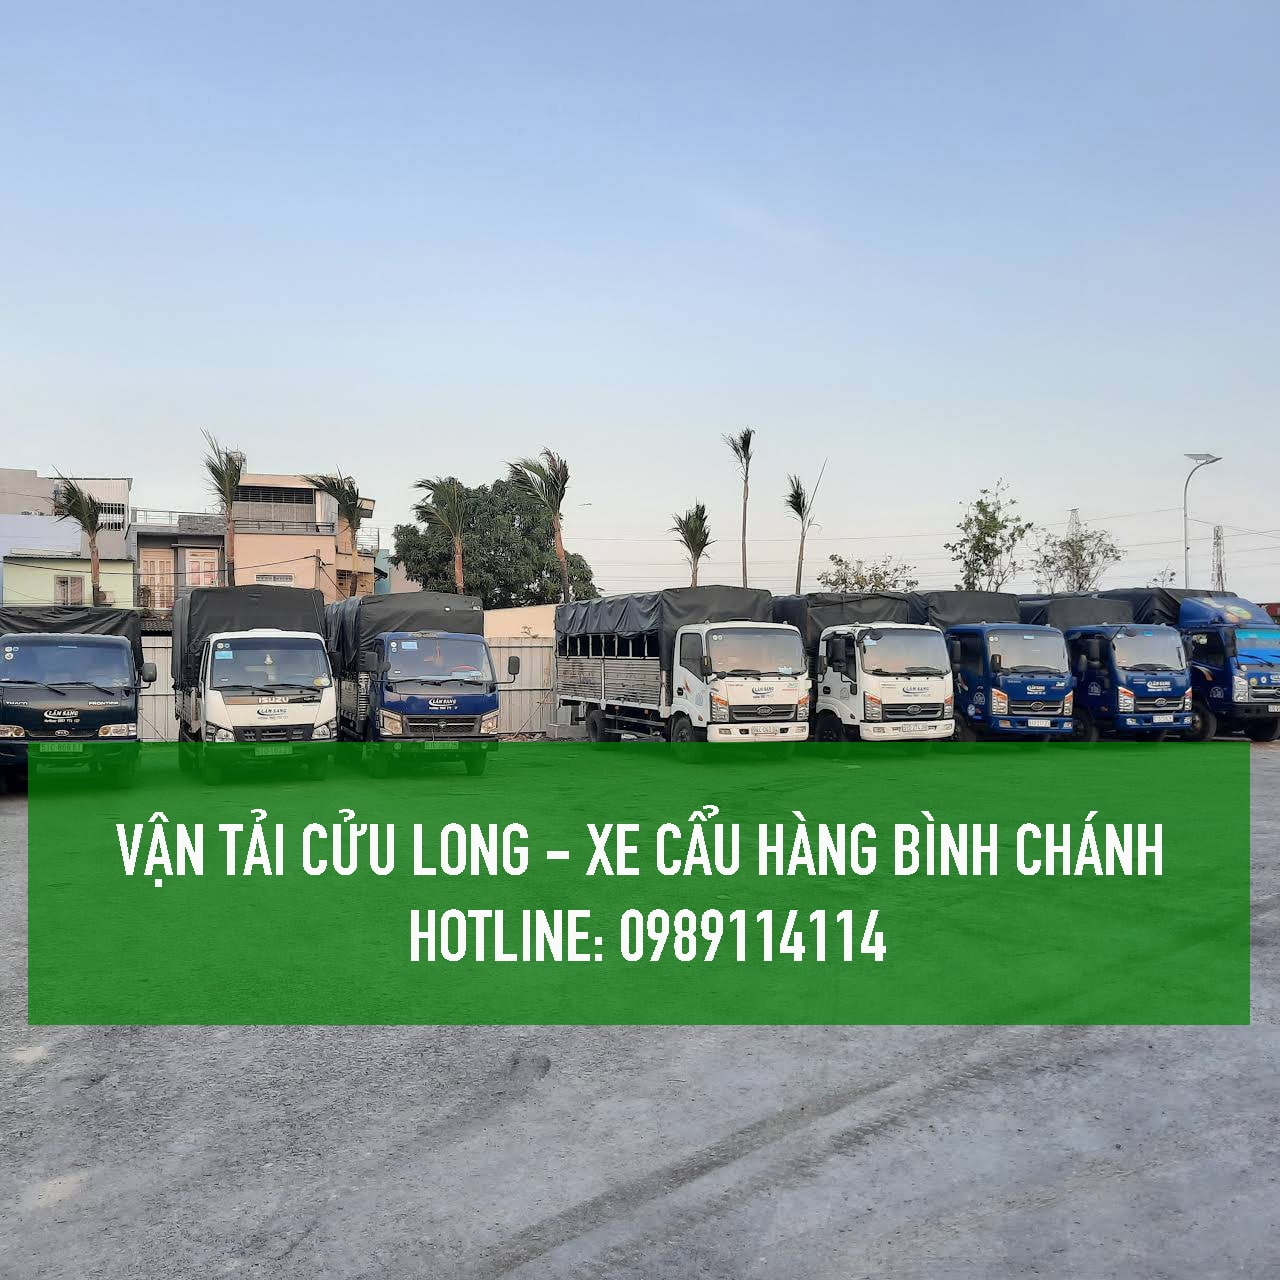 Dịch vụ cho thuê xe cẩu hàng tại Huyện Bình Chánh – [ Uy tín – Giá rẻ ]